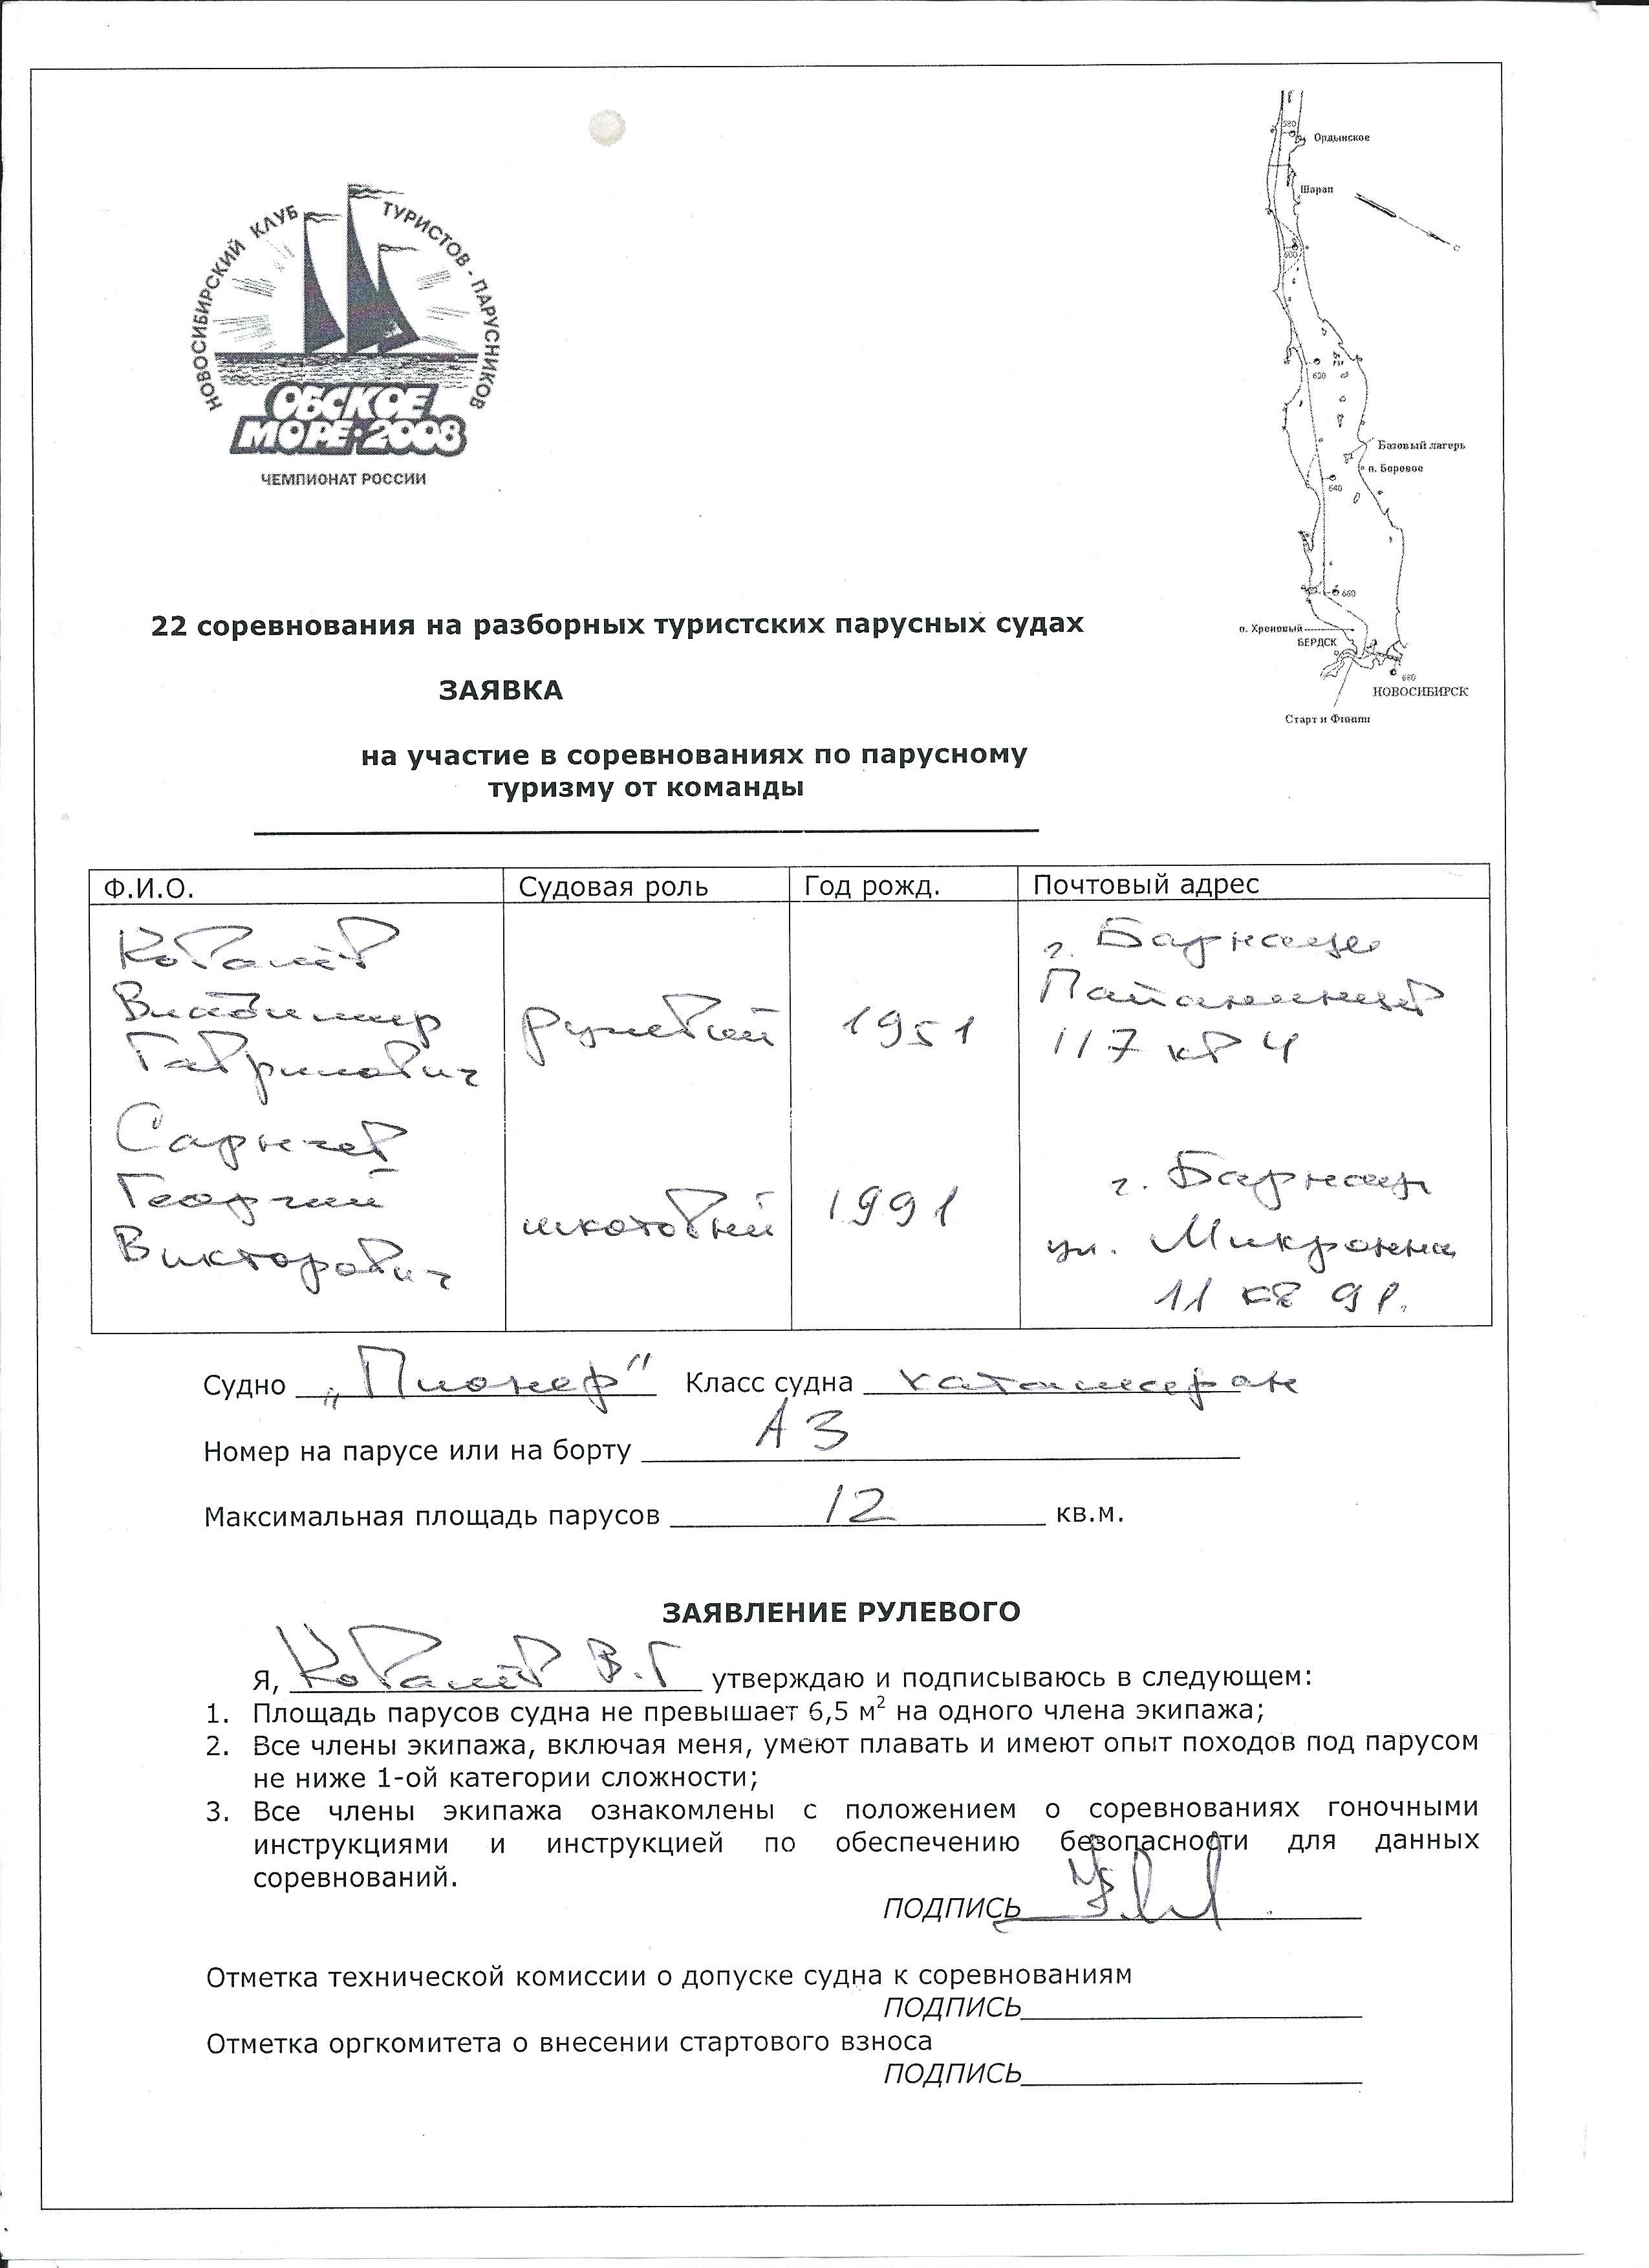 Ковалев В.Г.